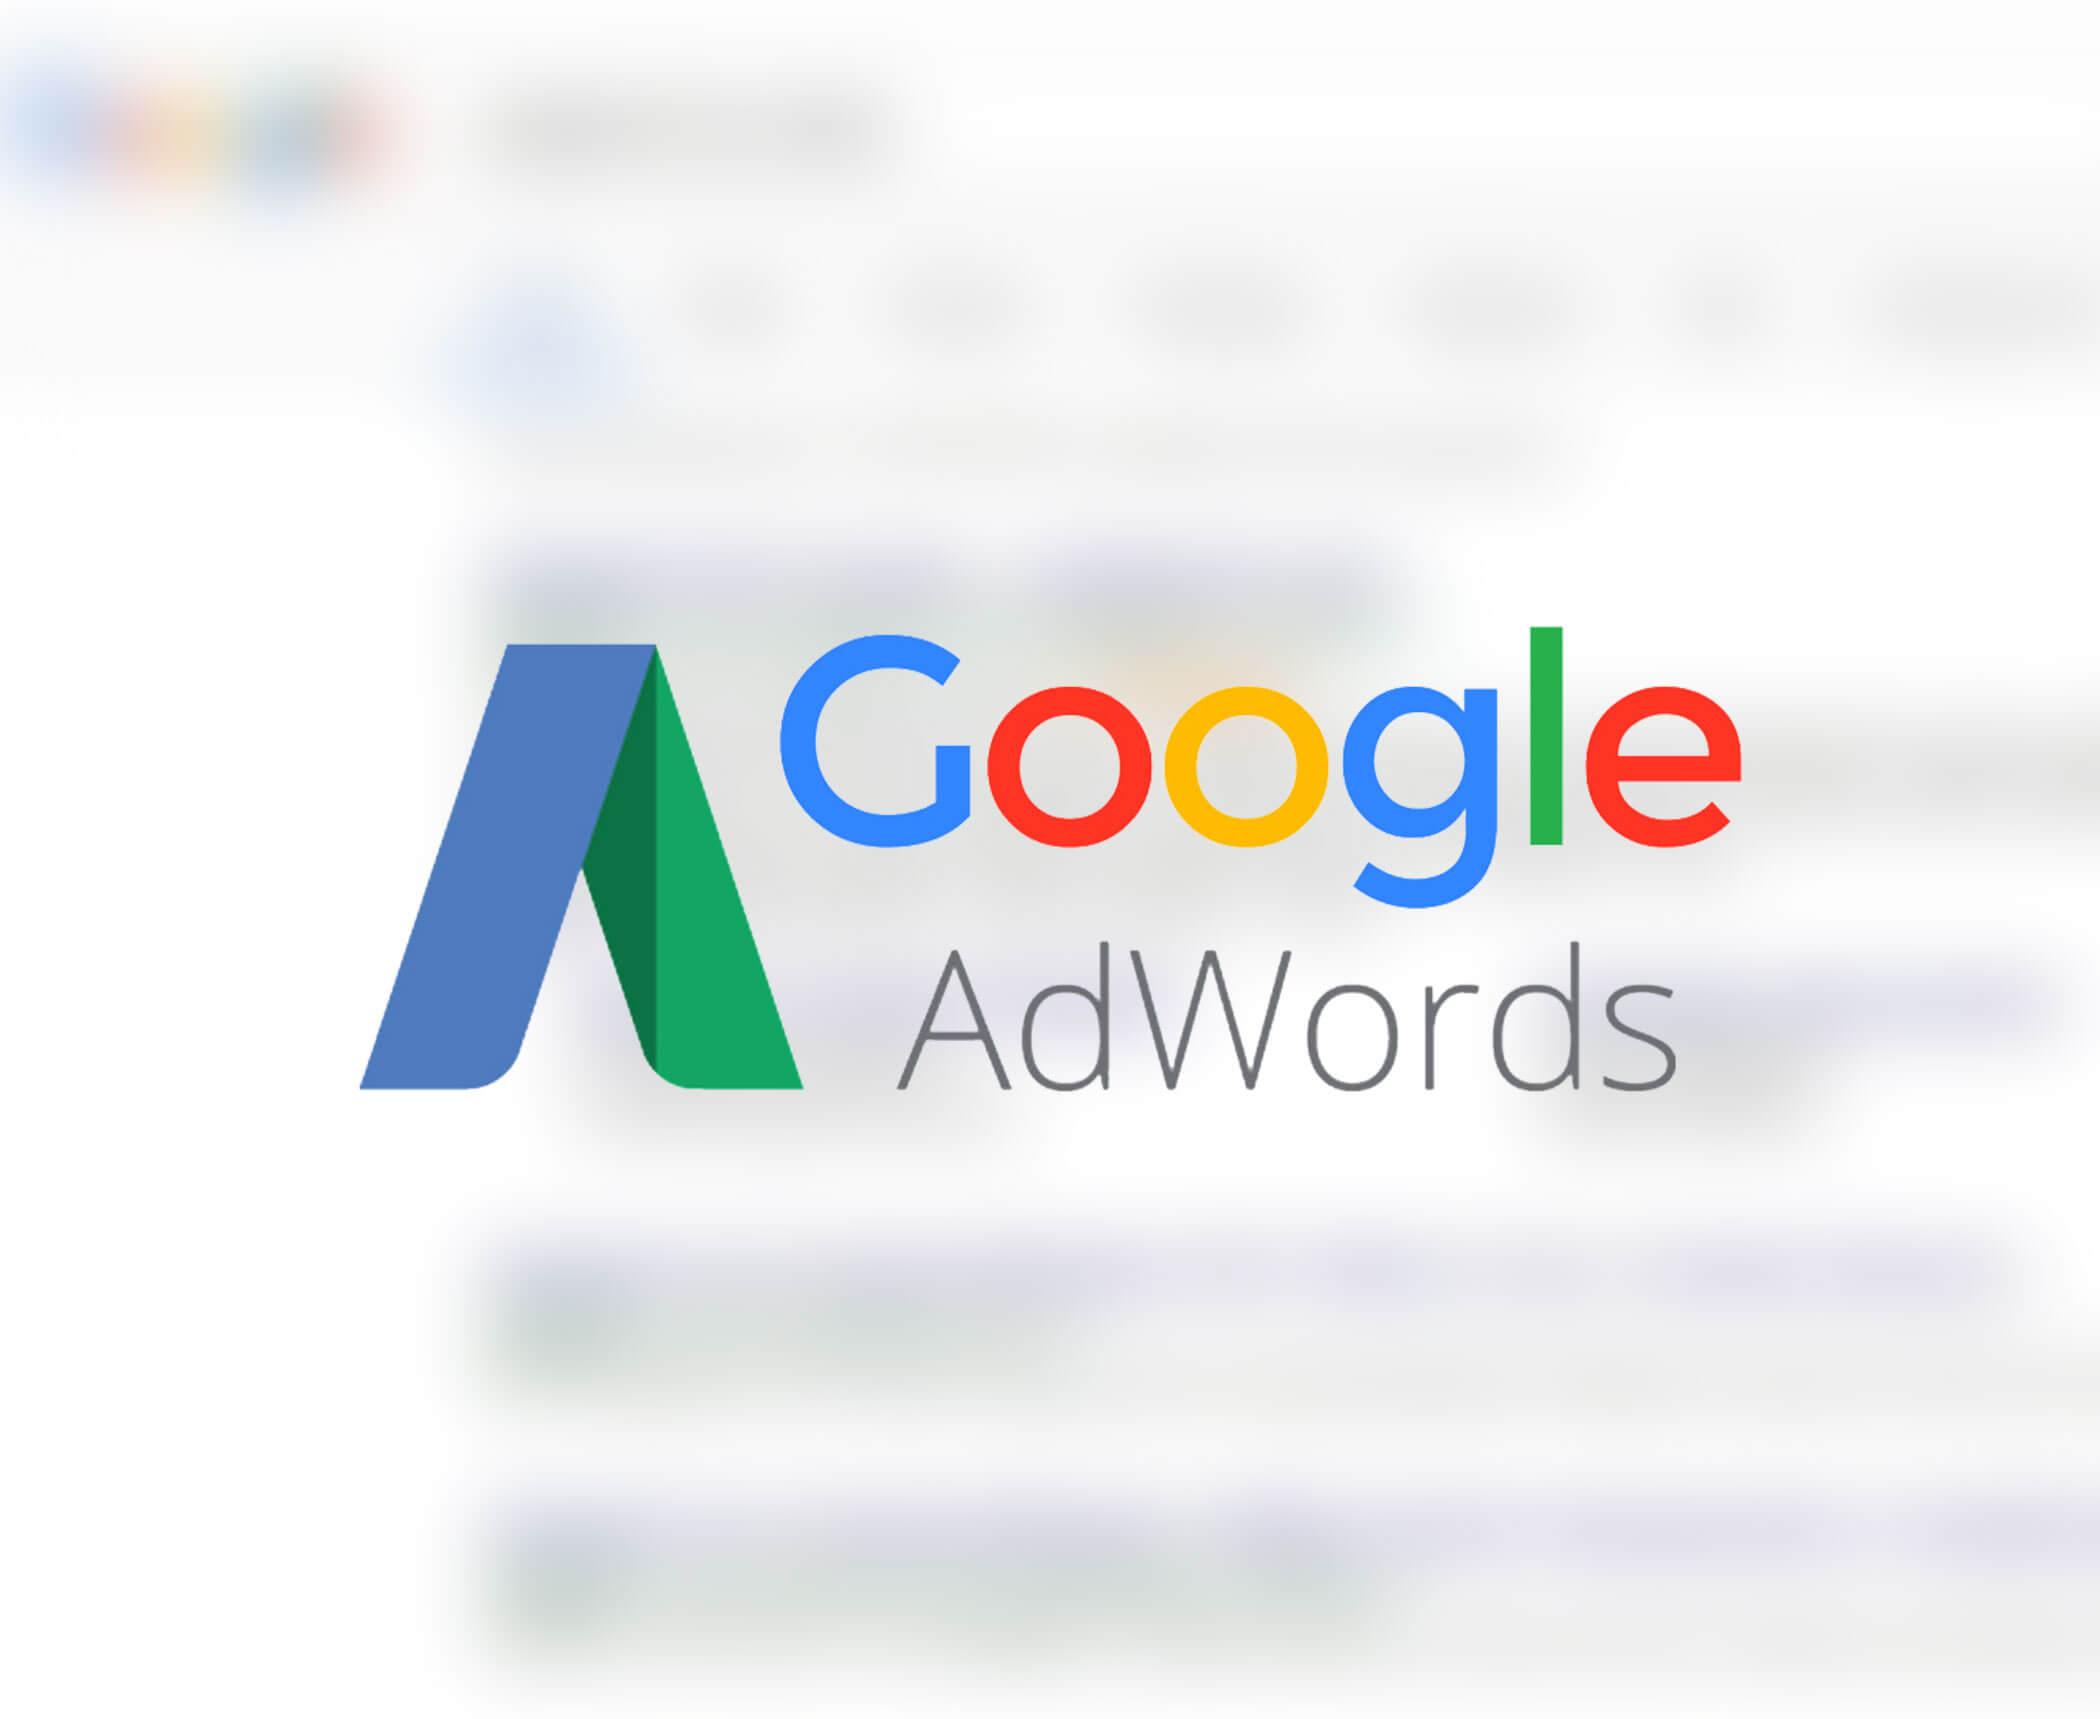 ¿Por qué realizar campañas en Google Adwords? | 3 Claves